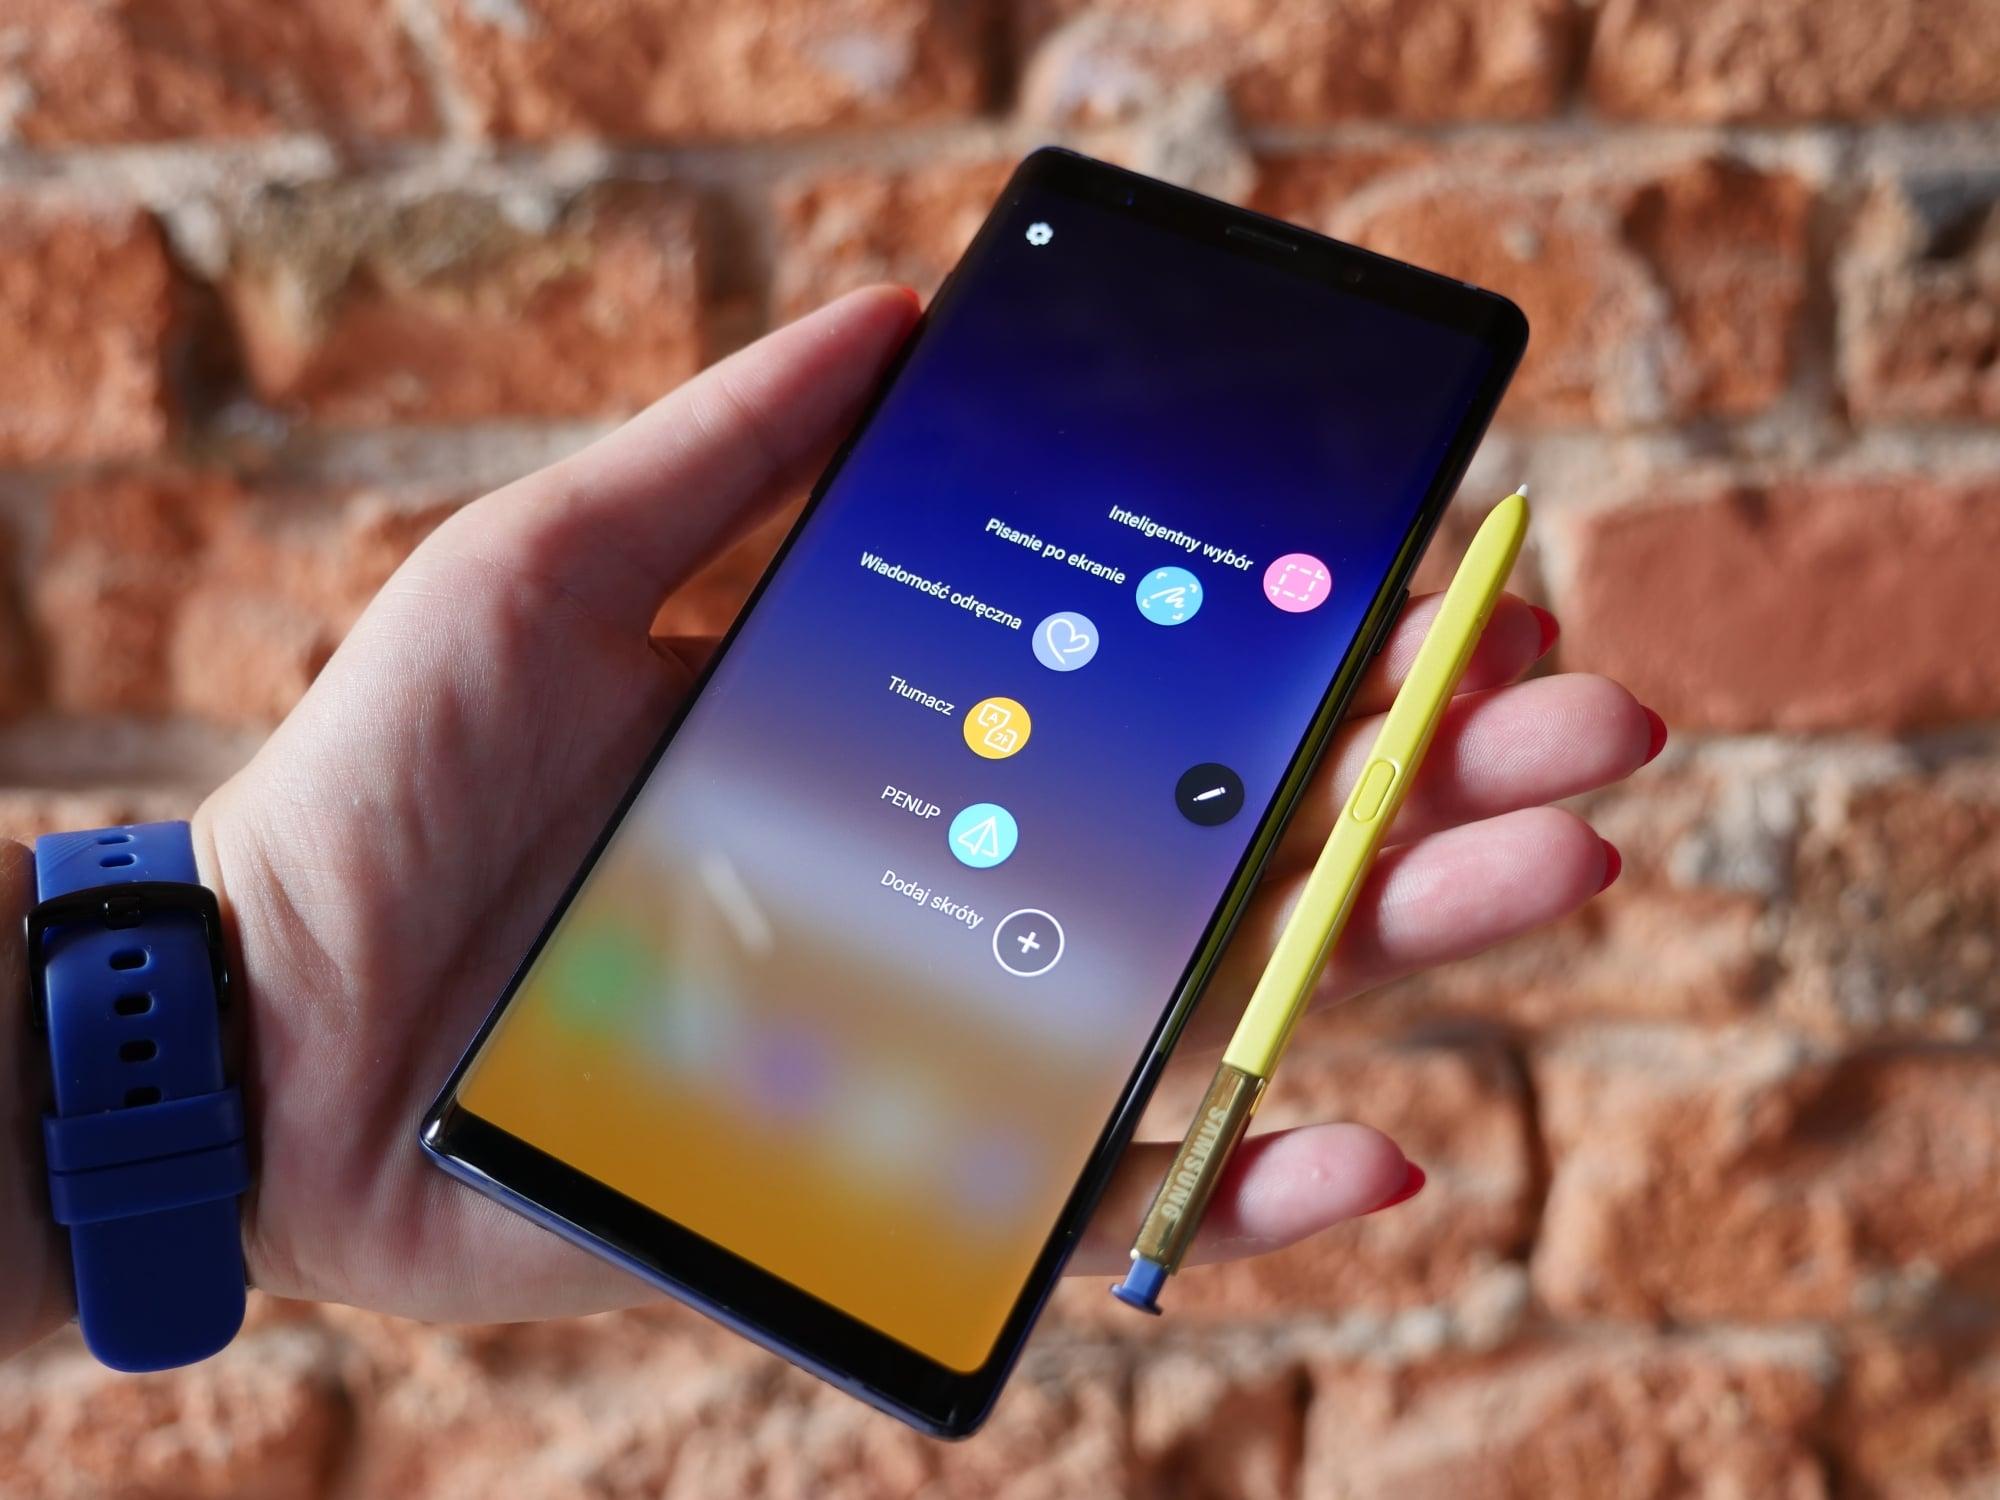 Granie mobilne wiele nie wymaga, czyli trochę o tym, że istnienie gamingowych smartfonów nie ma sensu 4